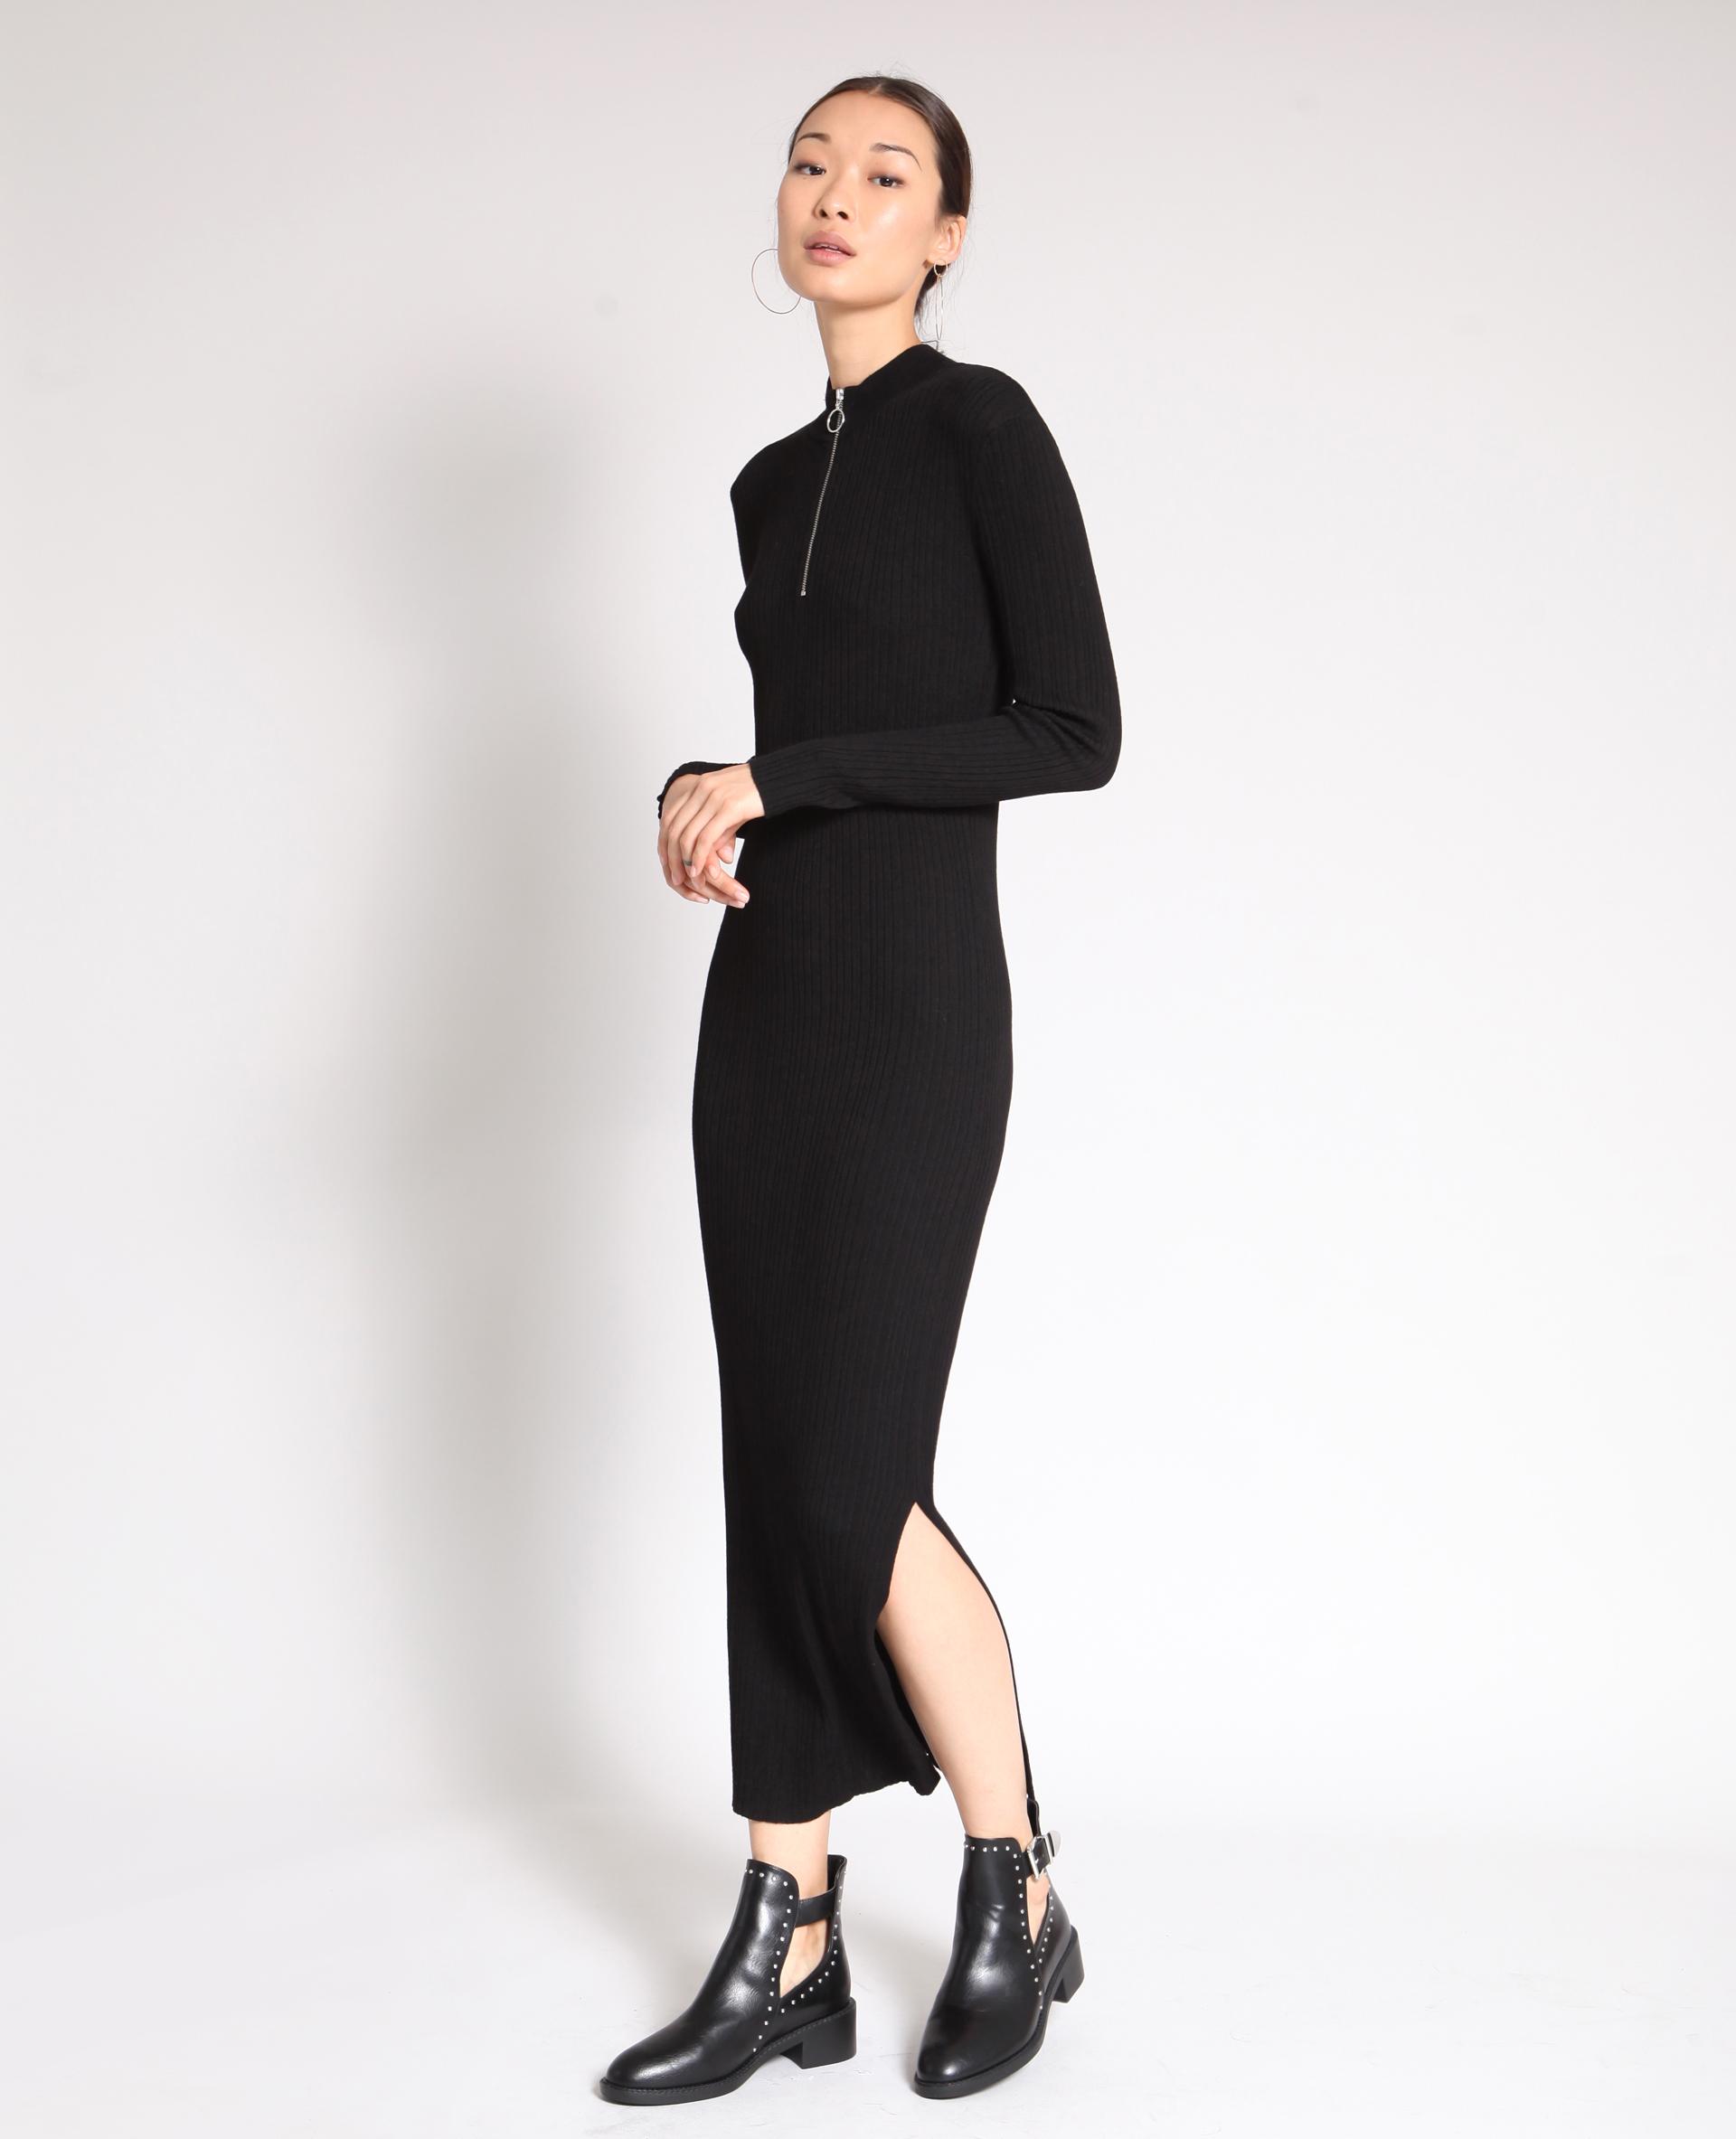 Hedendaags Lange strakke jurk zwart - 780914899A08   Pimkie WV-36